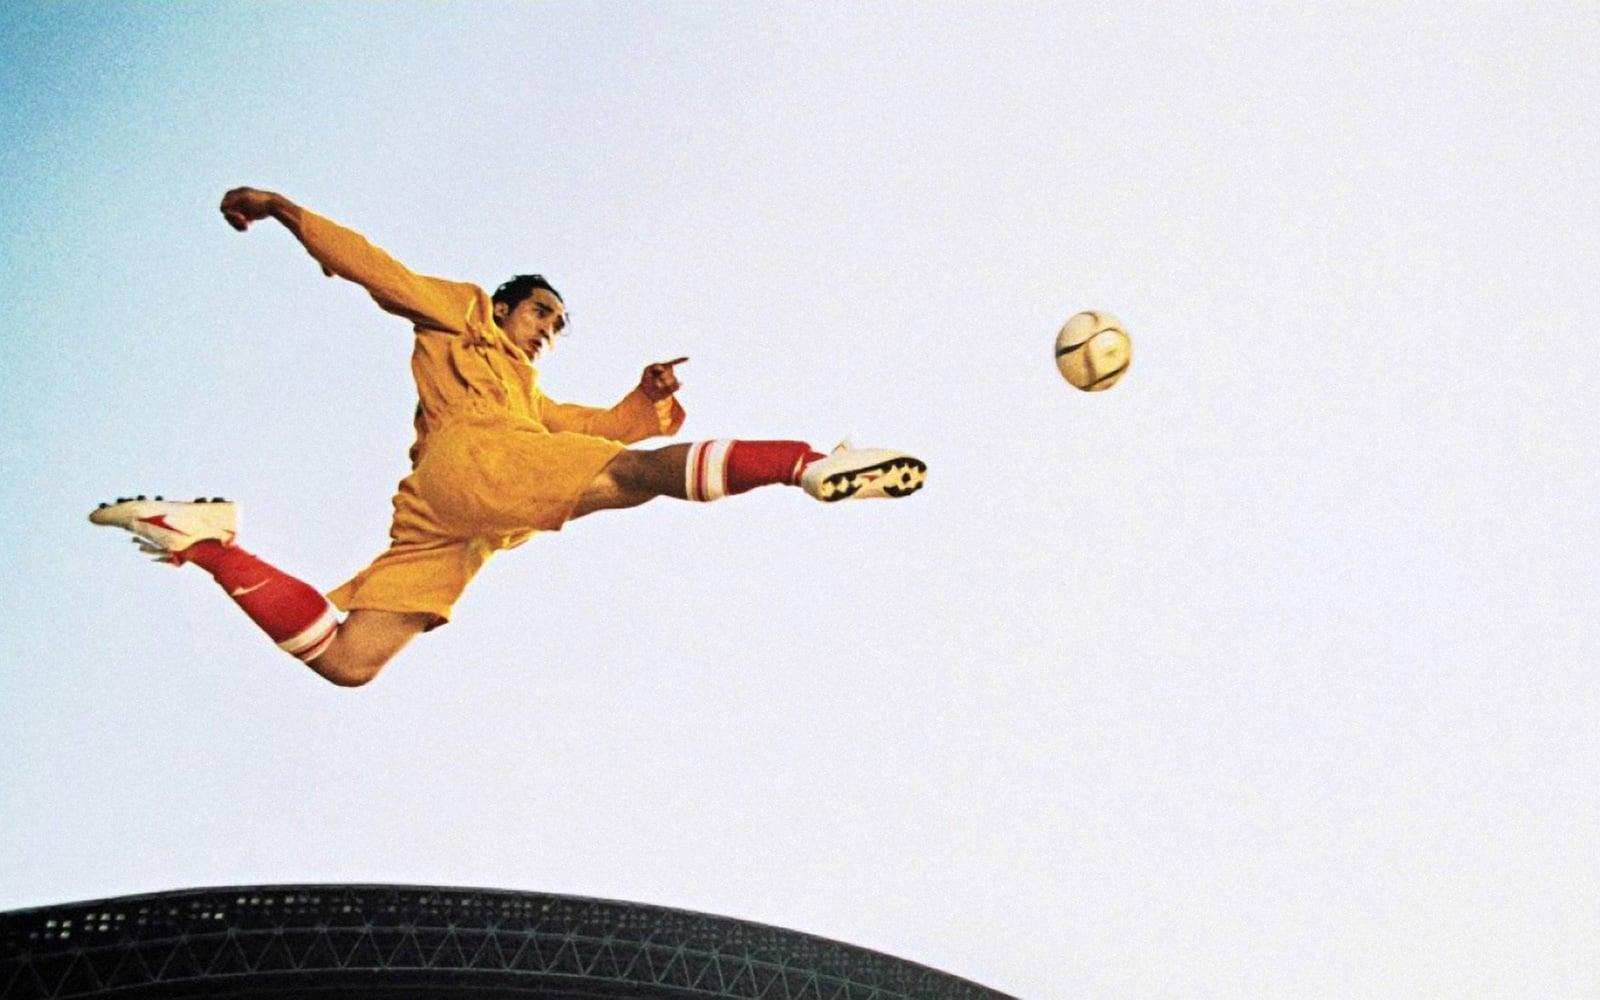 Shaolin Soccer, Stephen Chow